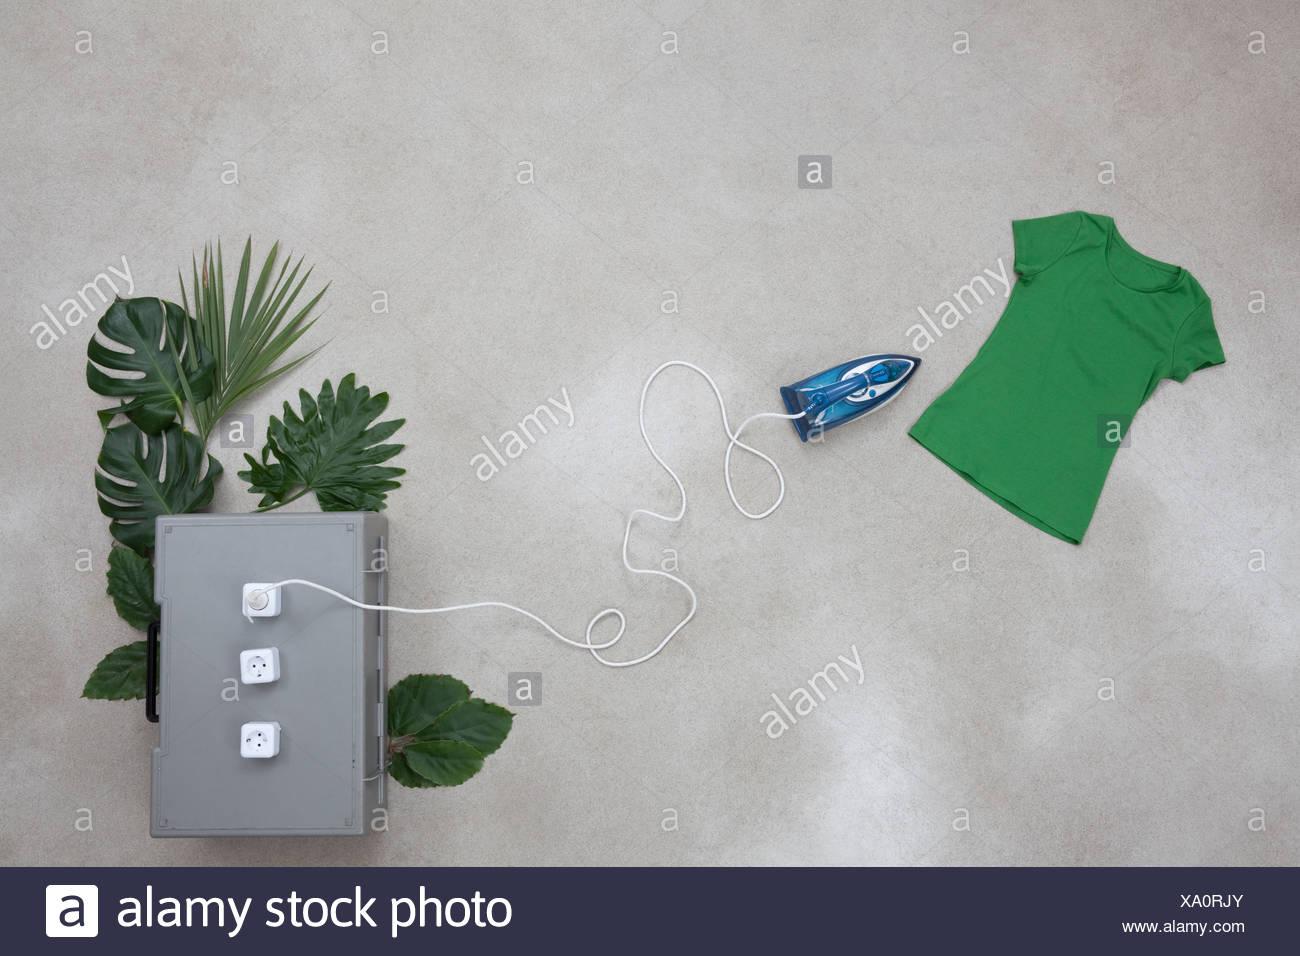 Eisen-Anschluss an Steckdosen mit Blättern, T-shirt auf grauem Hintergrund Stockbild